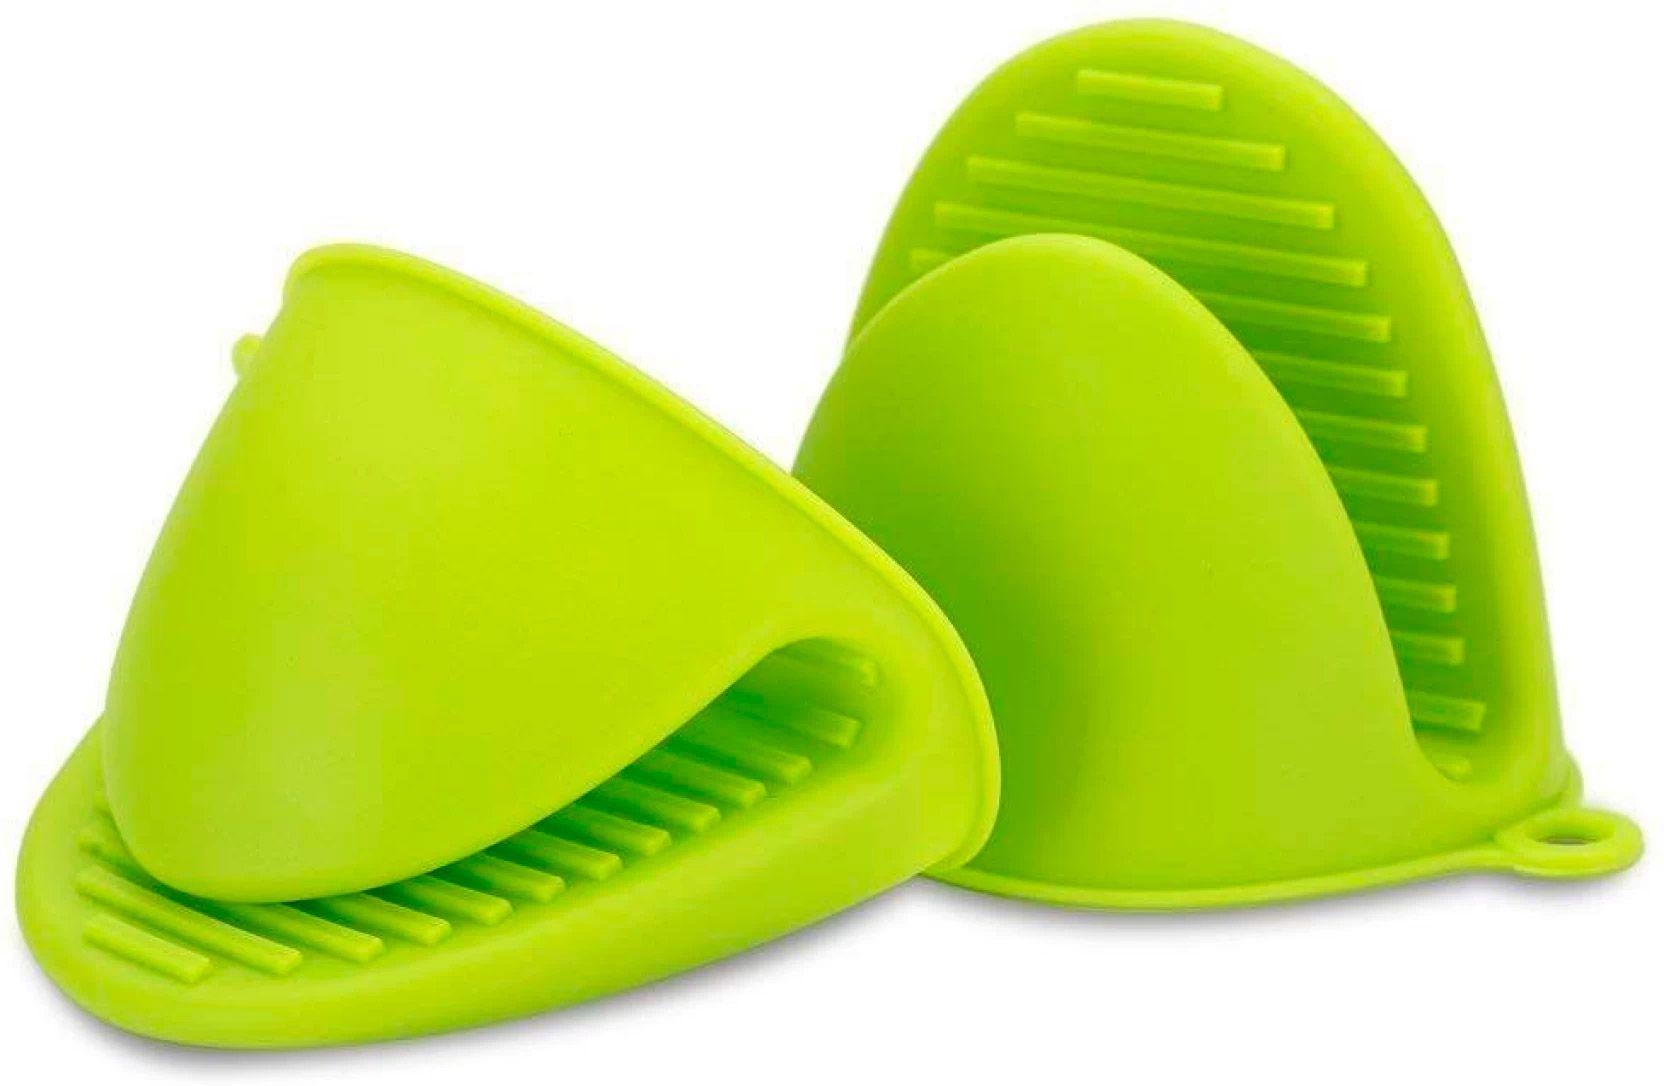 Conjunto de Luvas de Silicone de Forno Verde (1 par)